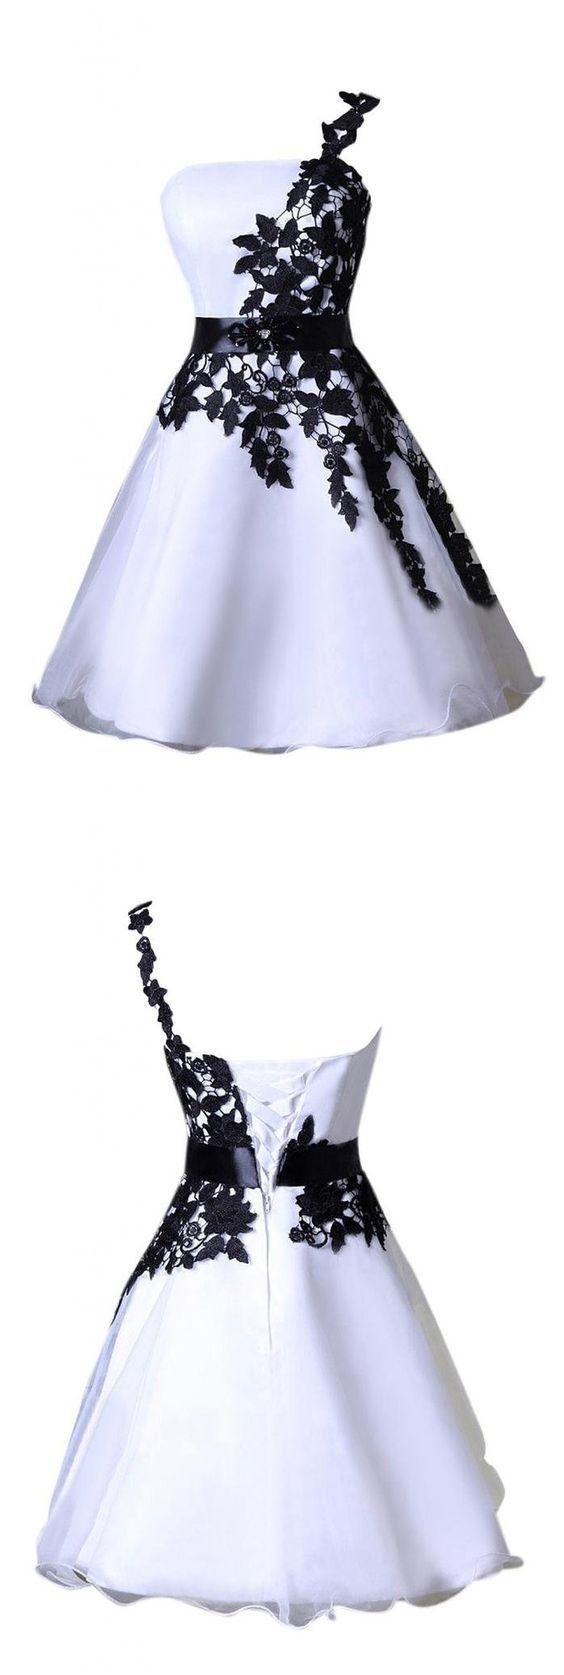 White and Black Prom Dress,Applique Prom Dress,Custom Made Evening ...